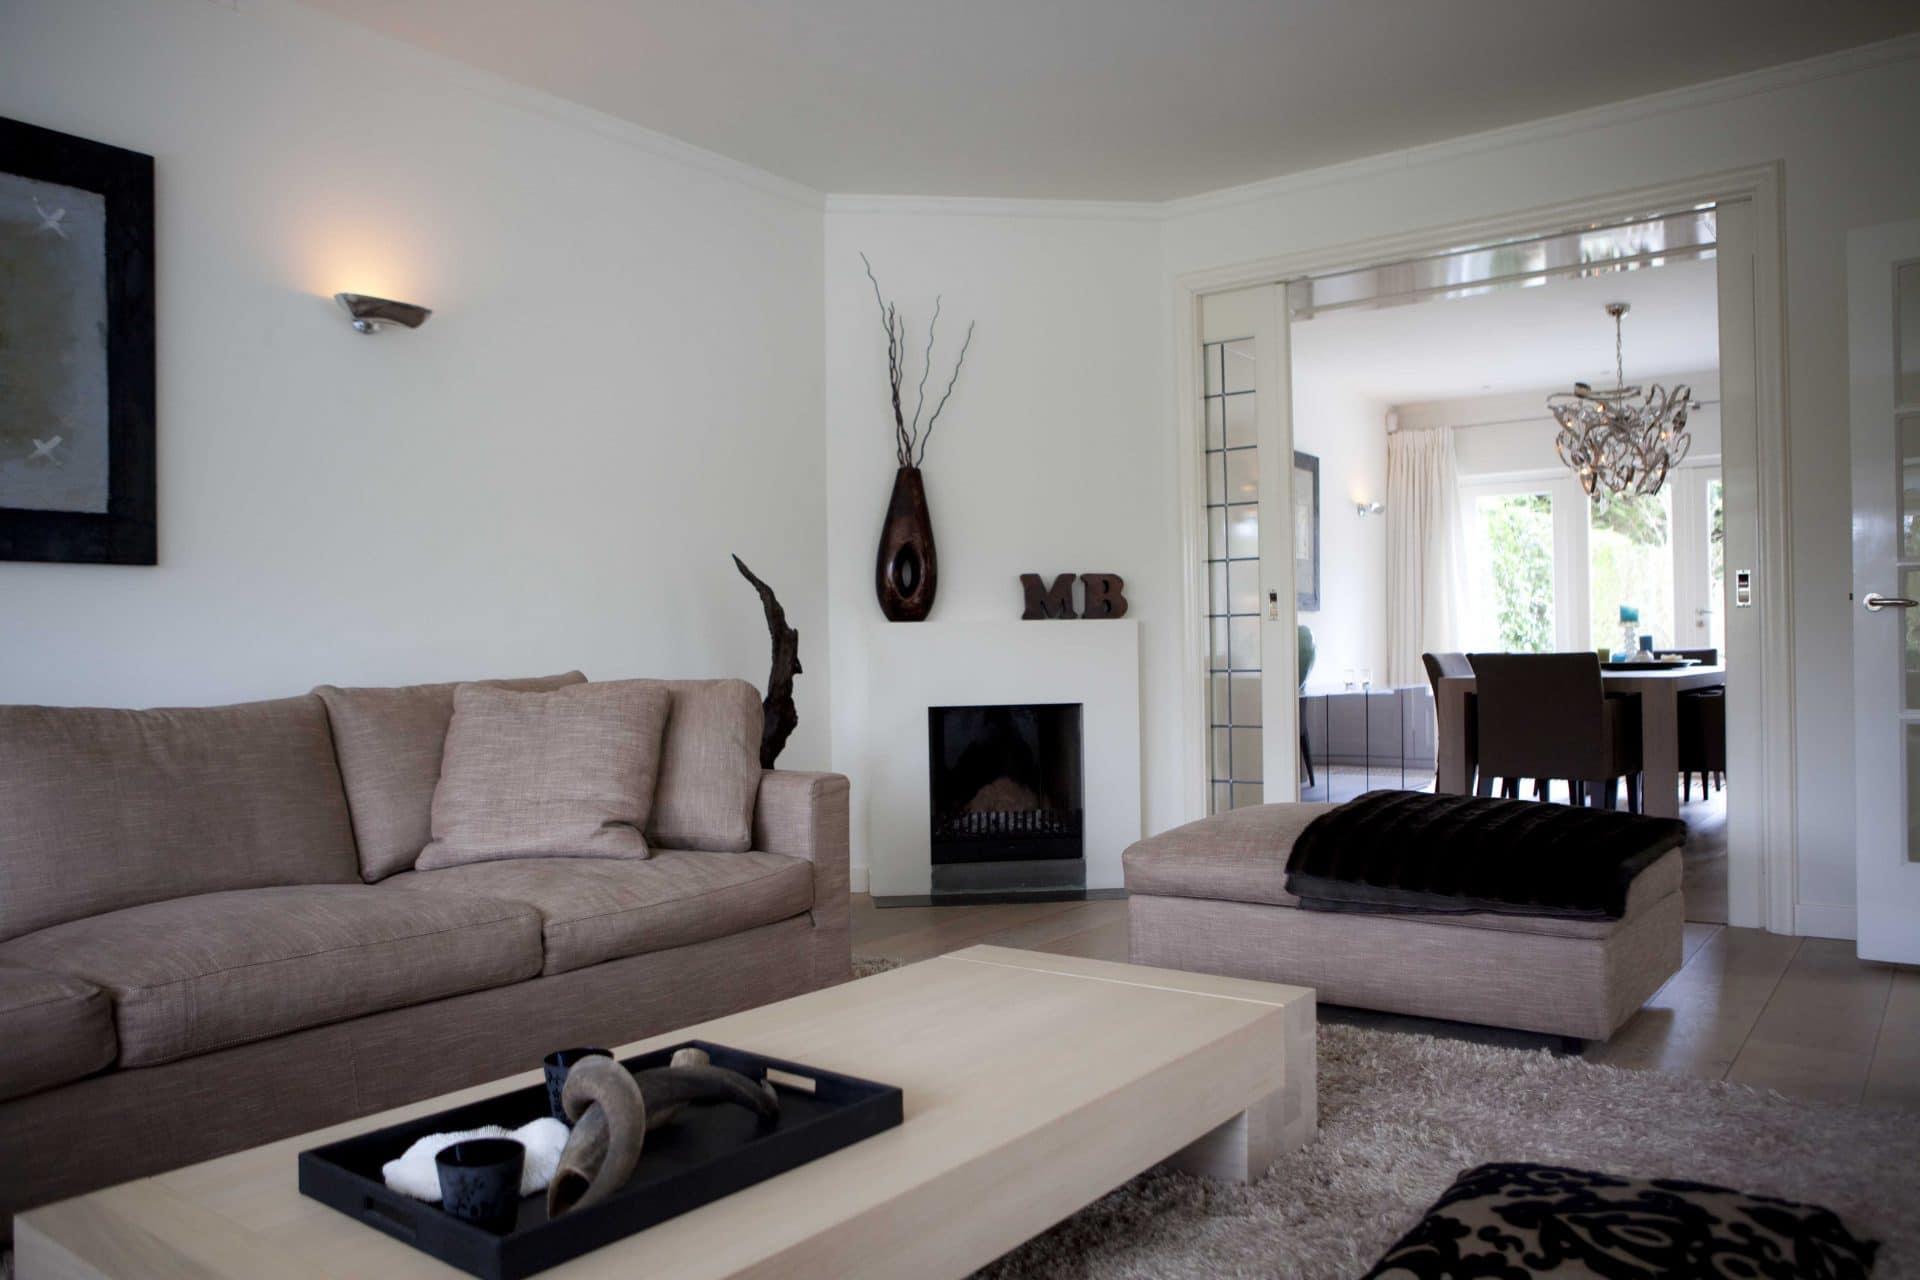 Hilversum woonkamer met gashaard en doorkijk eetkamer